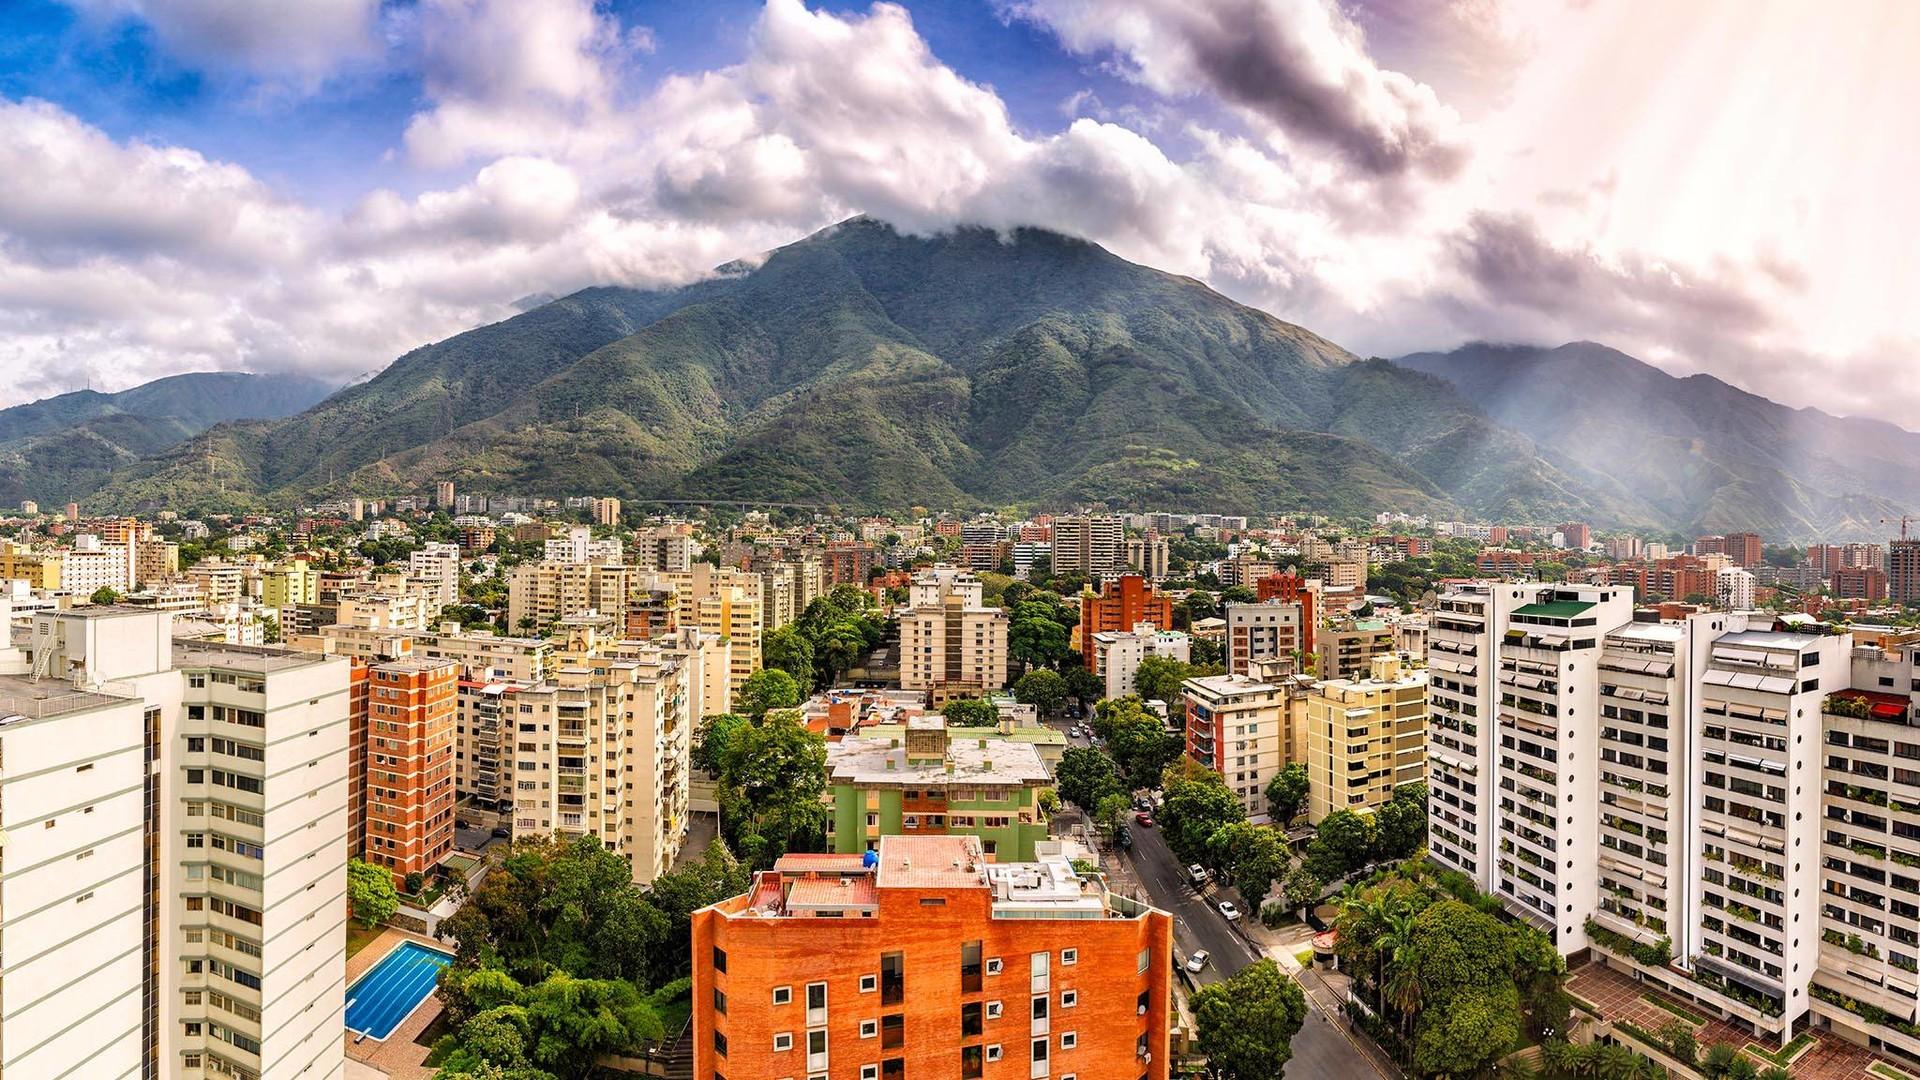 L'éxpérience d'Annabella à Caracas, Vénézuela